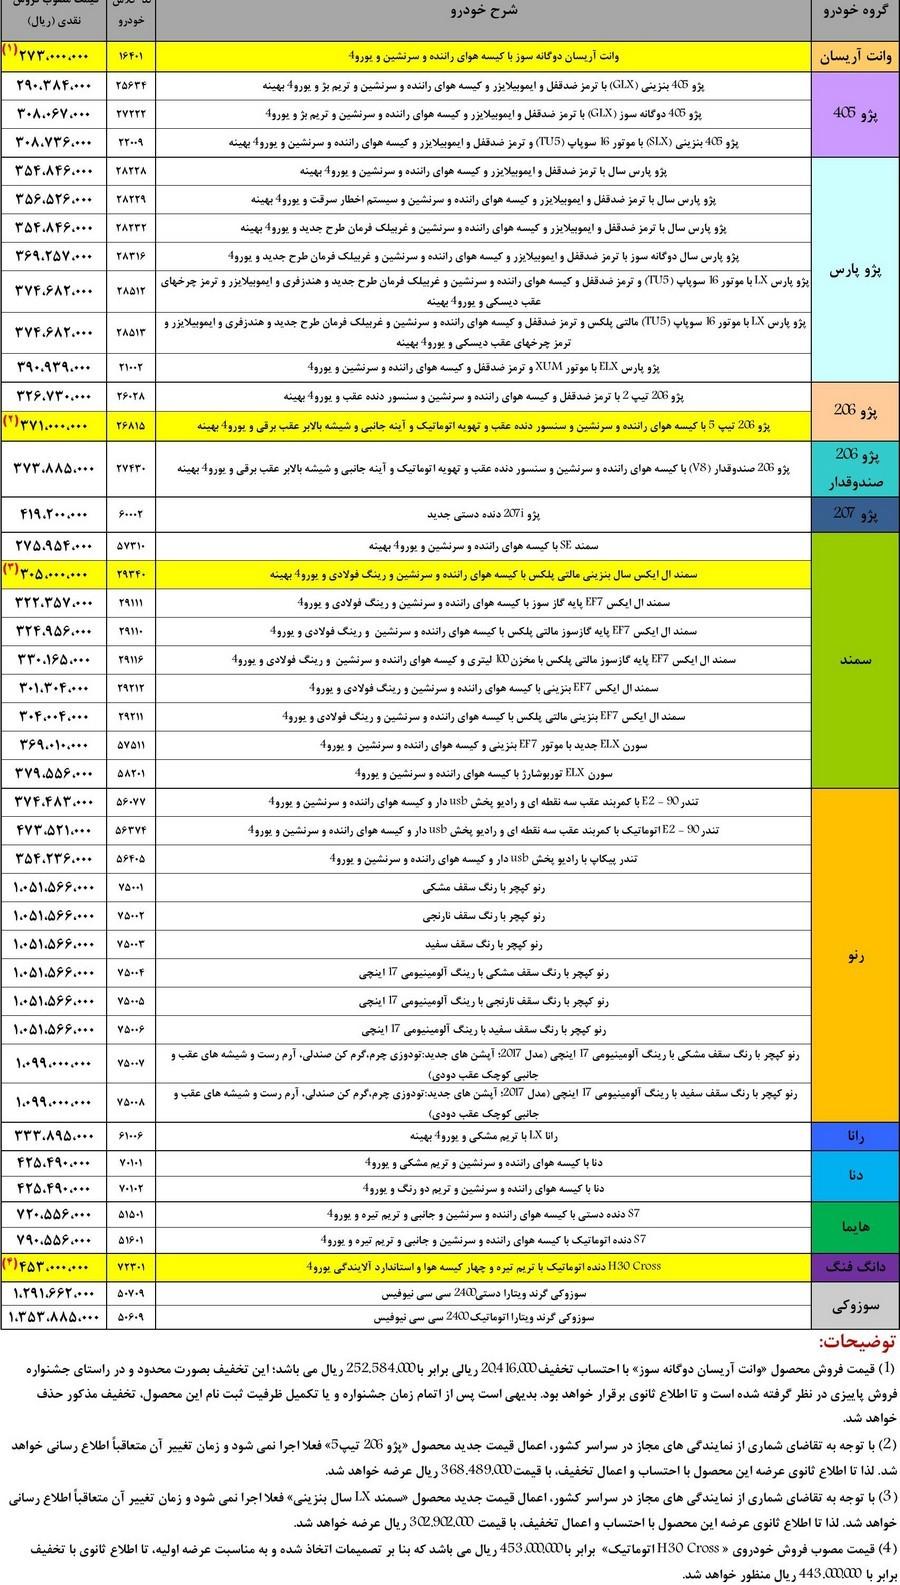 لیست قیمت جدید کارخانهای ایران خودرو - نسخه 2 آذرماه 95